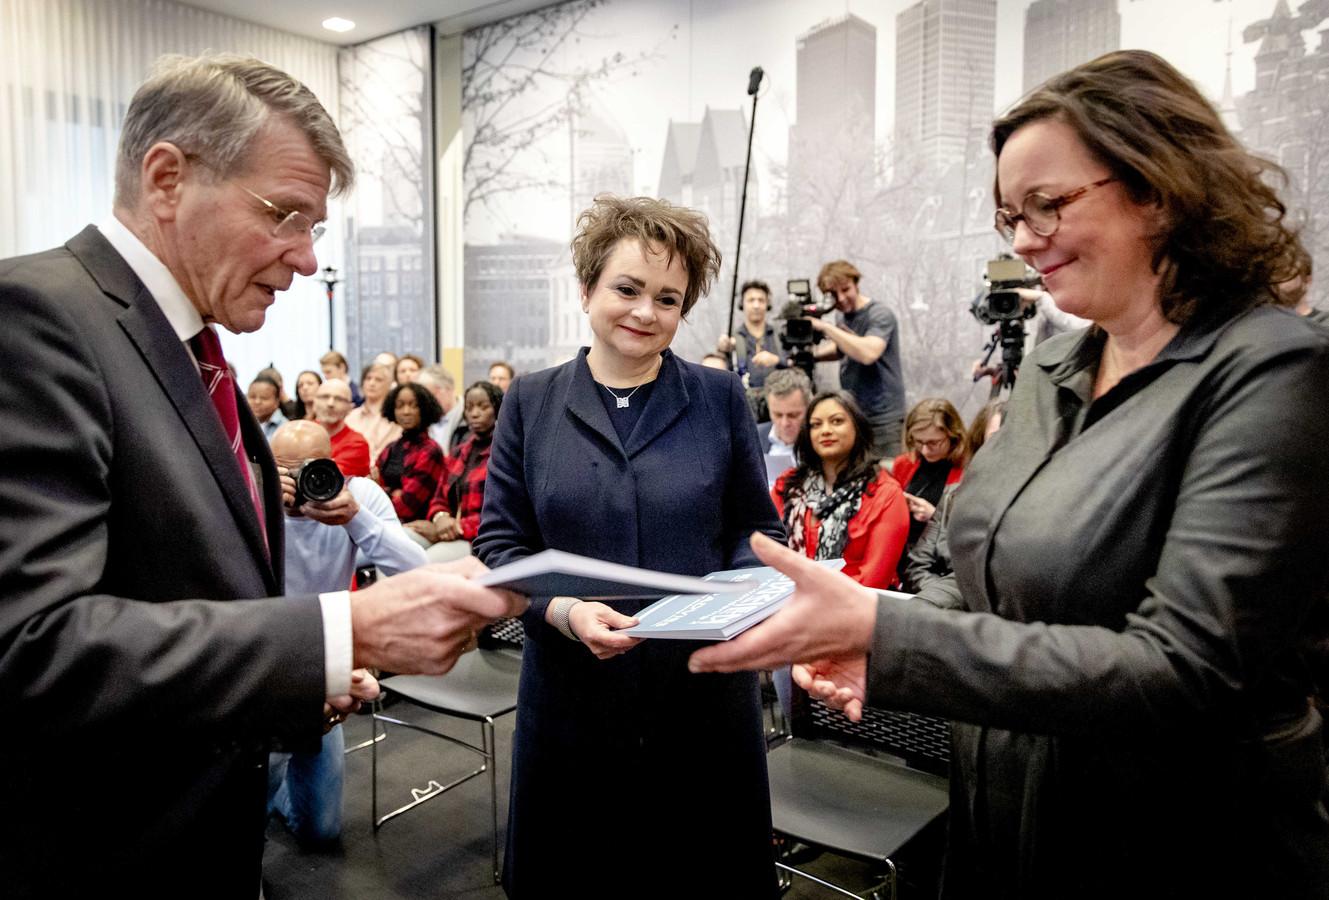 Voorzitter Piet Hein Donner overhandigt het eindrapport van de adviescommissie uitvoering toeslagen aan staatssecretarissen Alexandra van Huffelen (Financiën) en Tamara van Ark (Sociale Zaken en Werkgelegenheid).